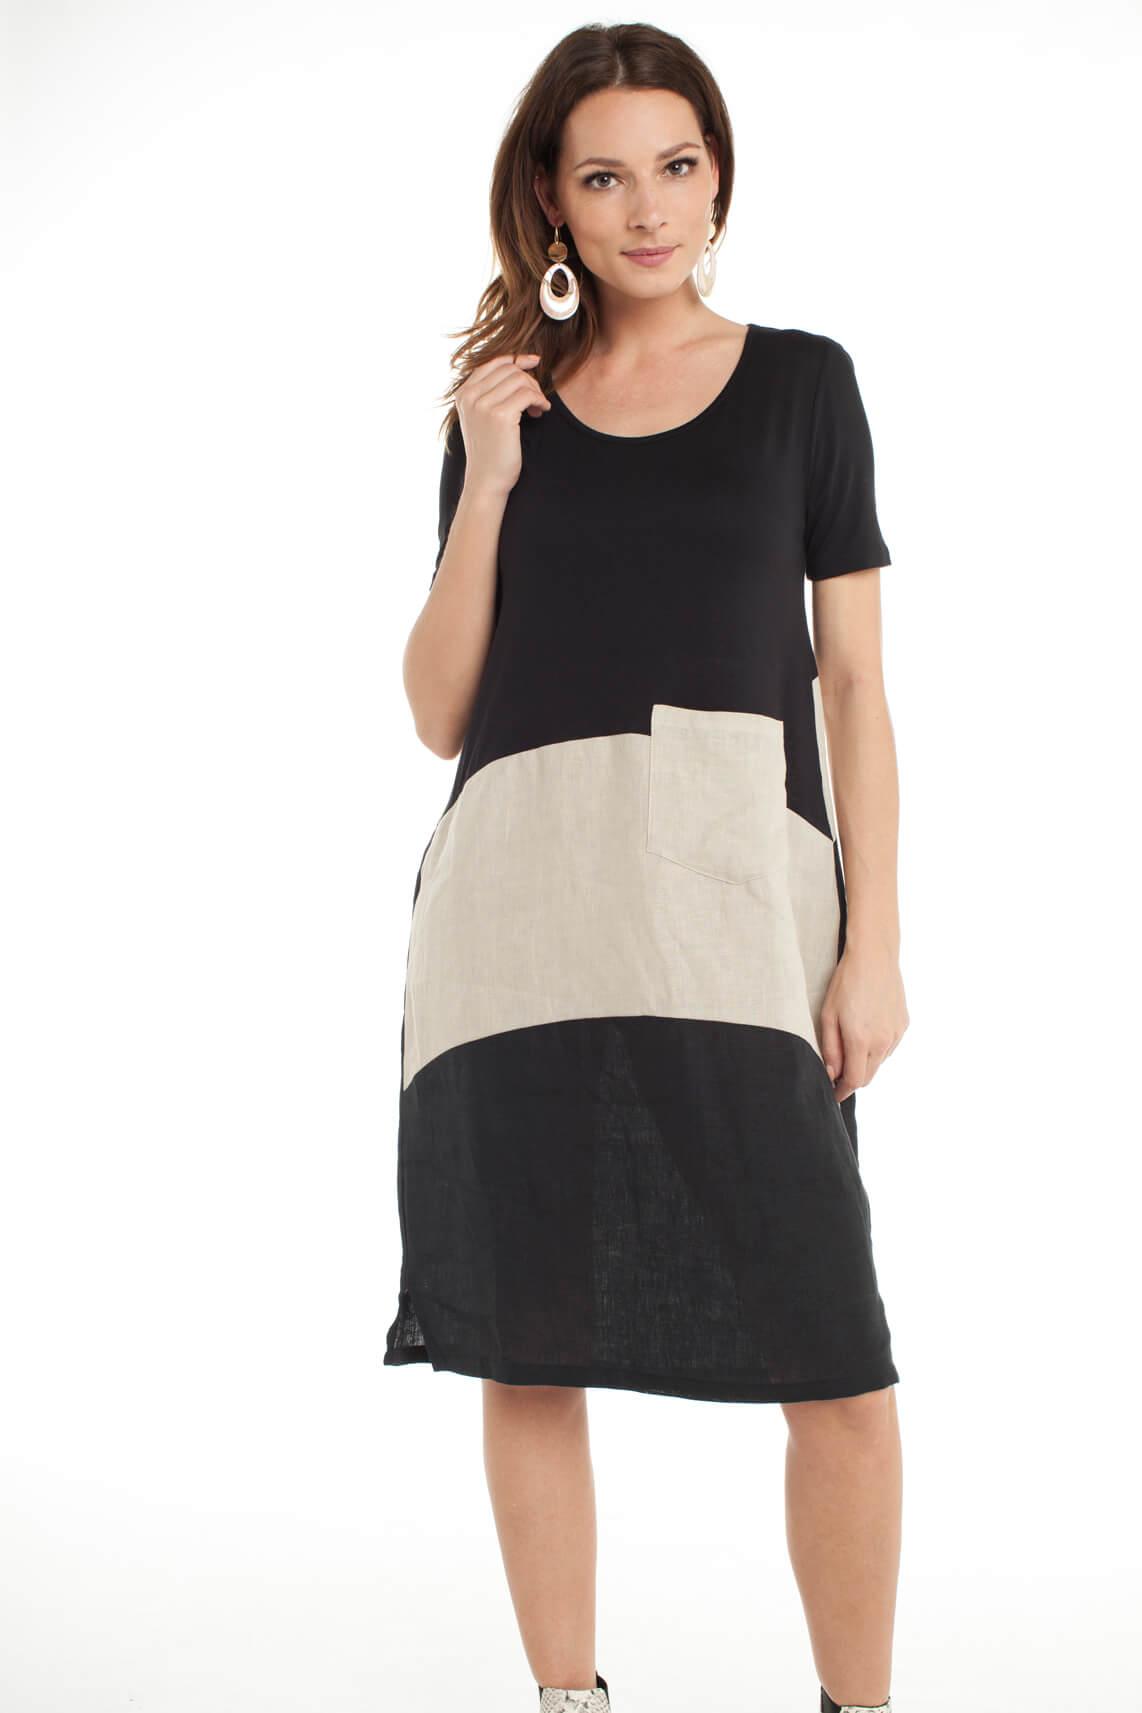 La Fée Maraboutée Dames Materiaalmix jurk zwart